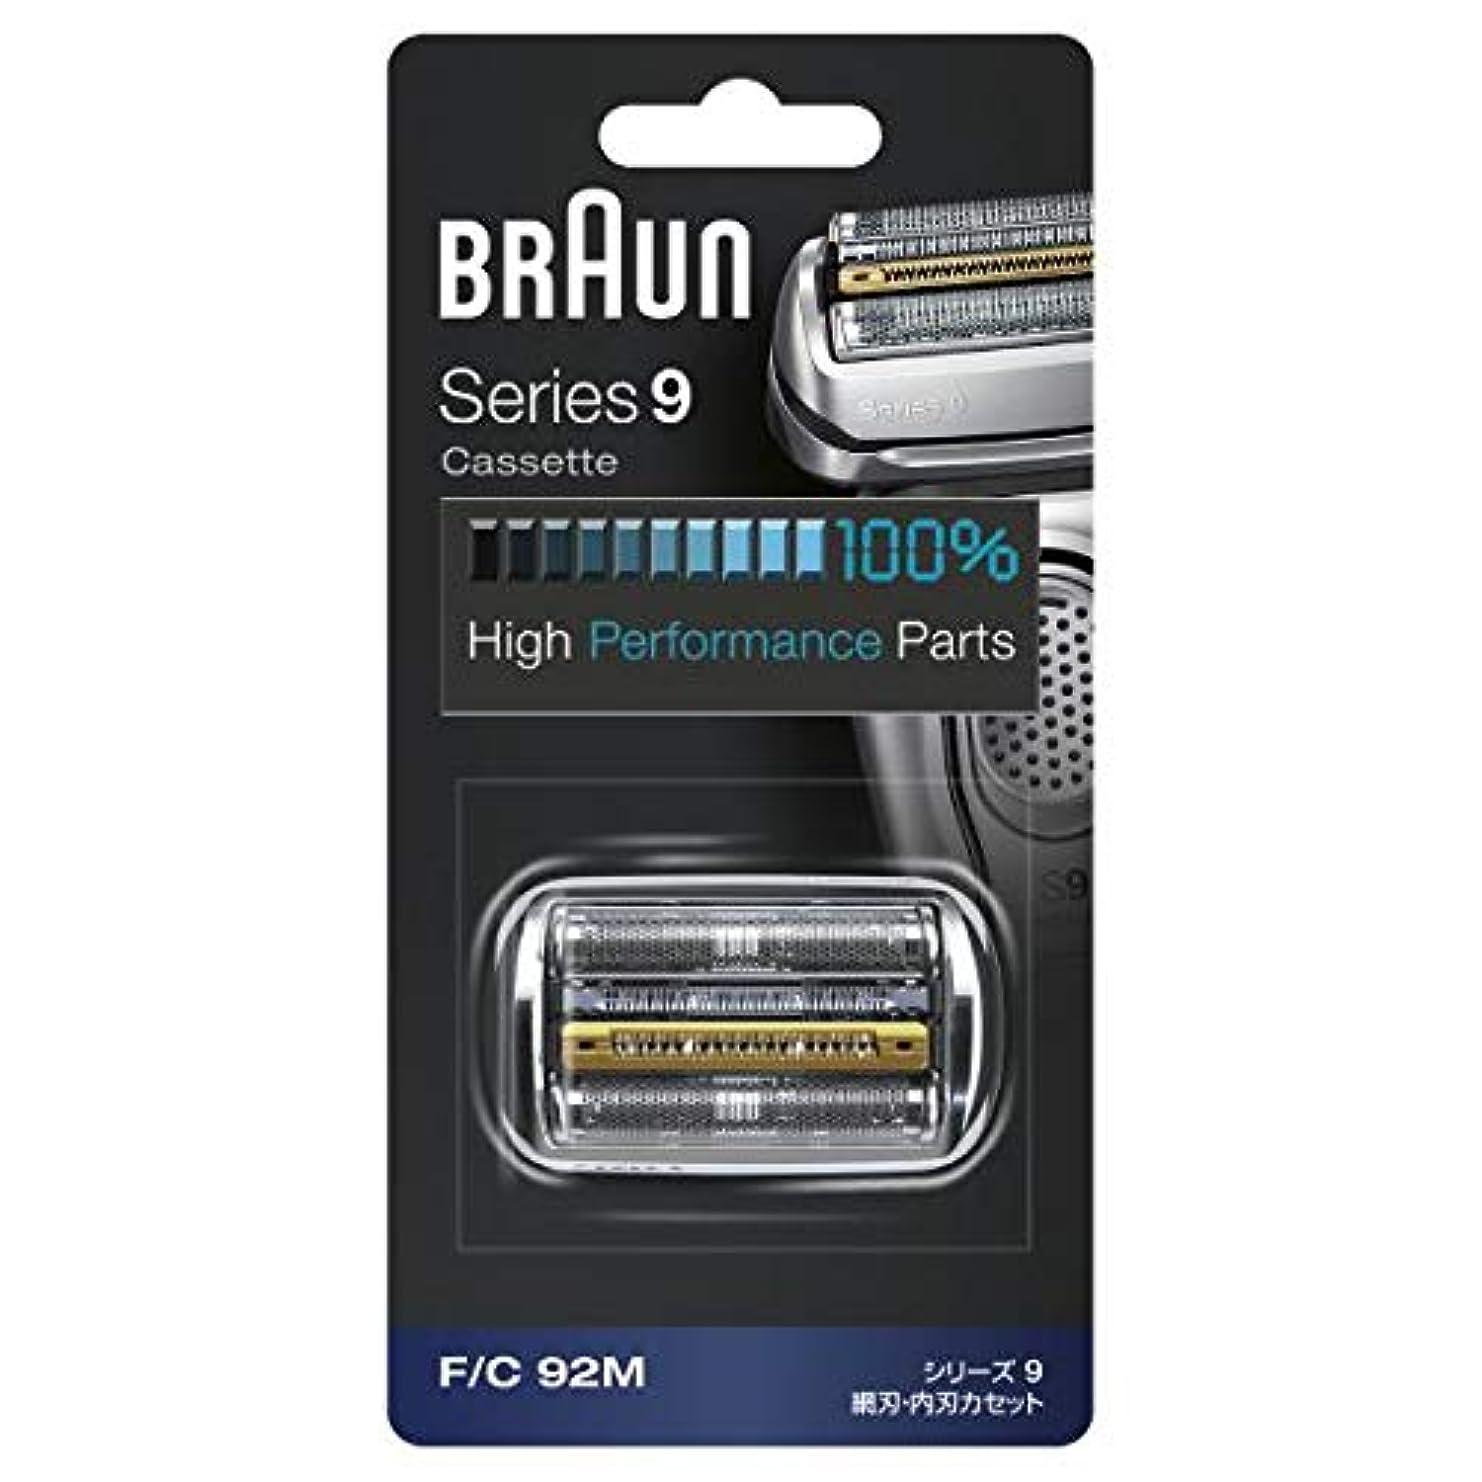 洗剤避けるセミナーブラウン メンズ電気シェーバー シリーズ9 替刃 F/C92M F/C92M